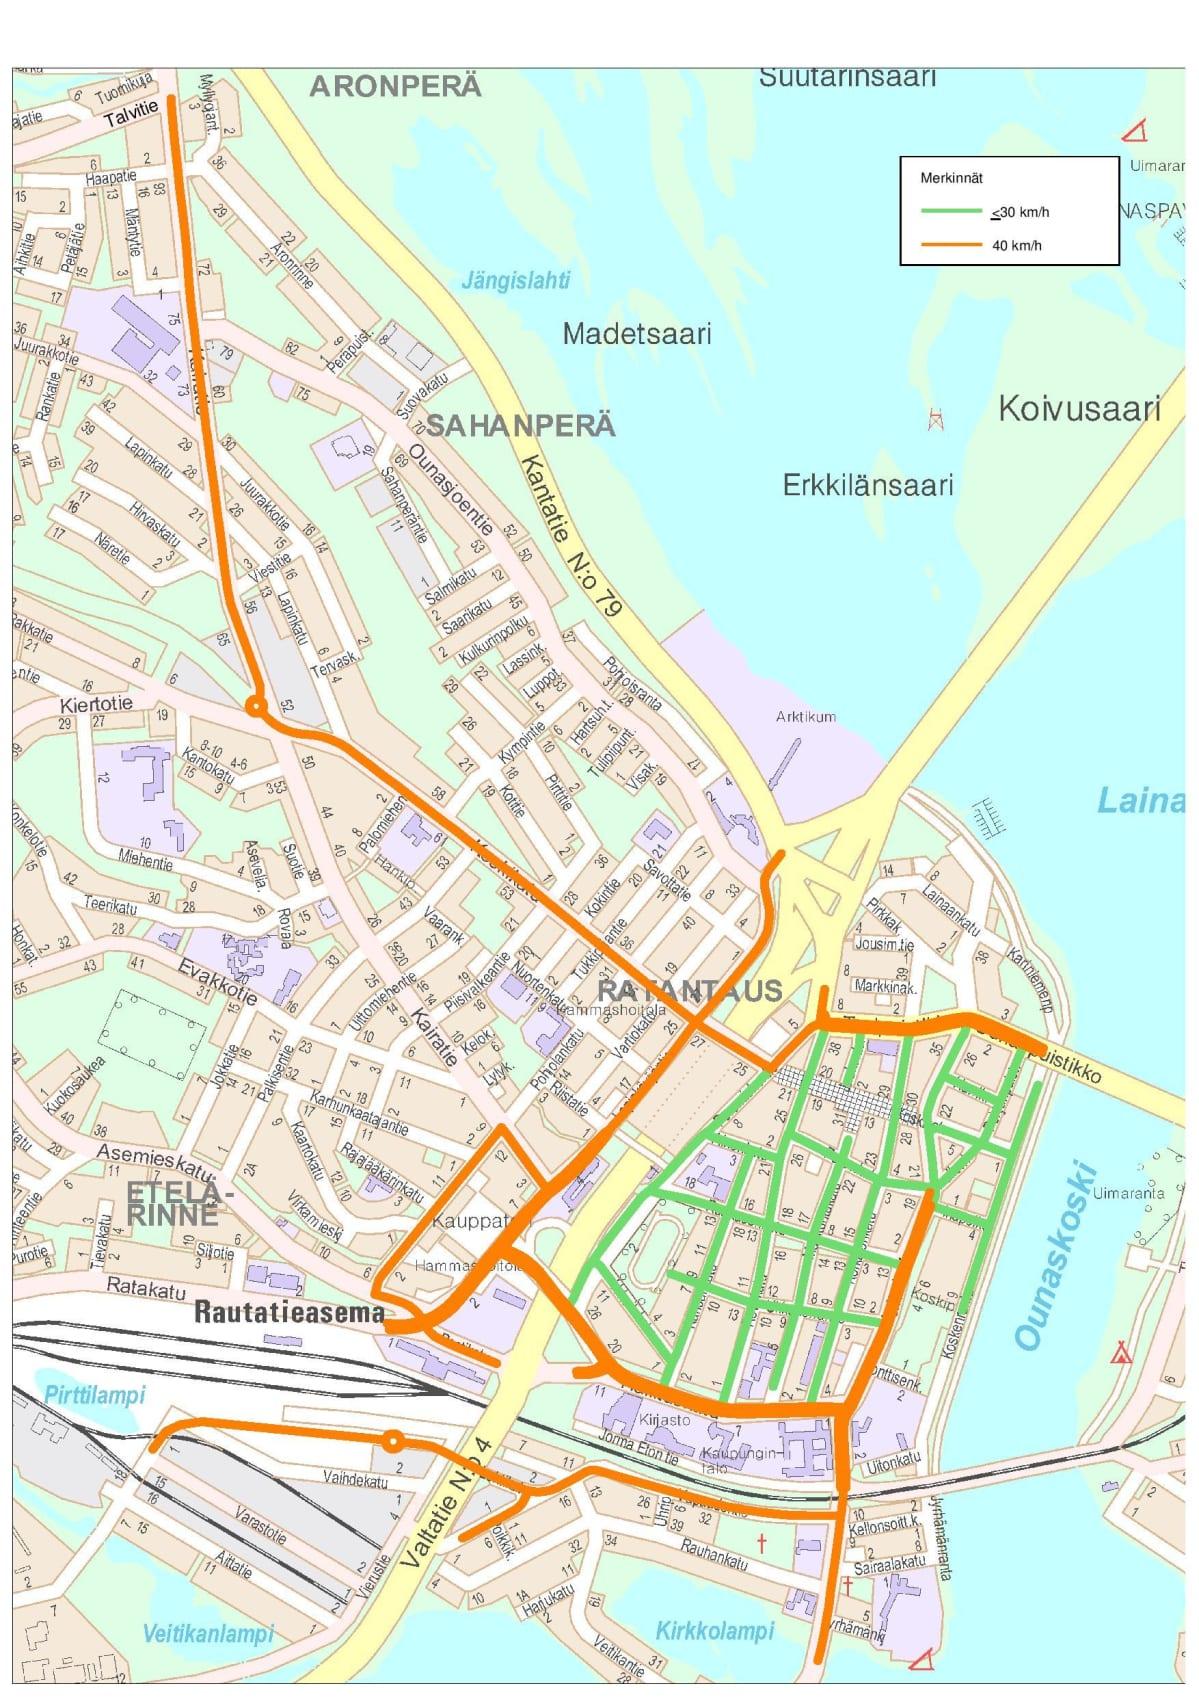 Nopeusrajoitukset Laskevat Rovaniemen Ydinkeskustassa 30